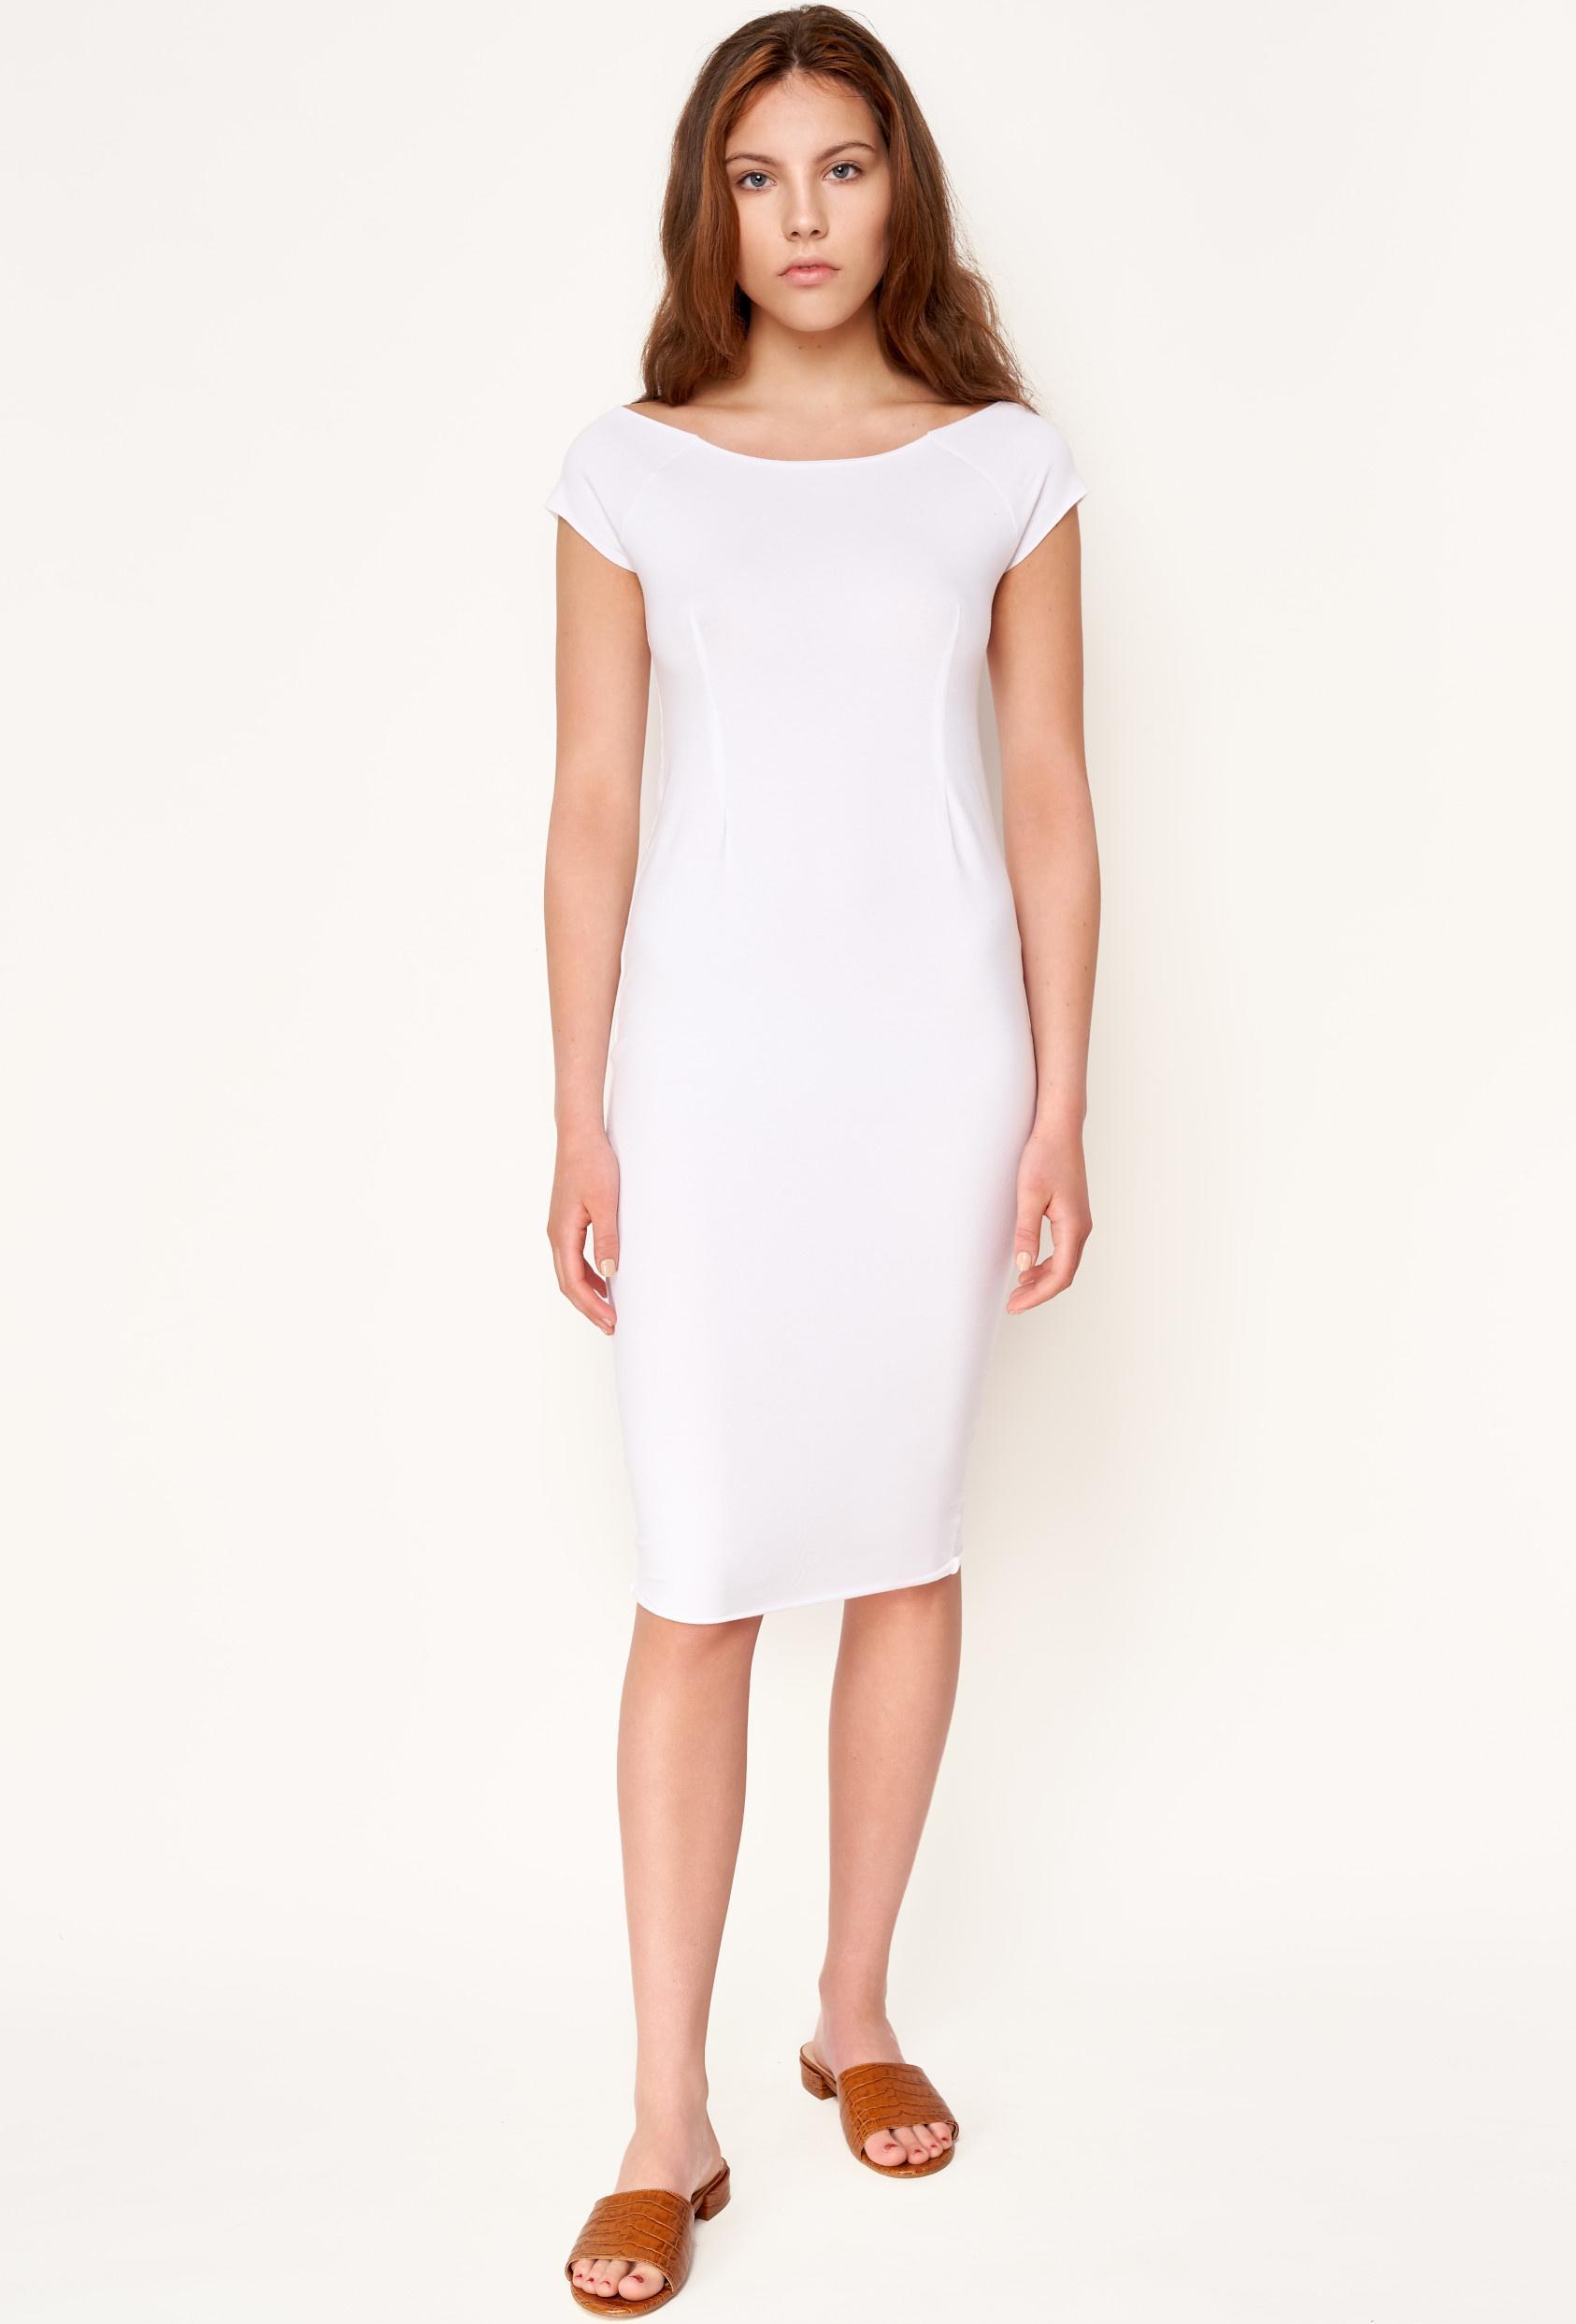 Sukienka midi HILLARY DRESS biała